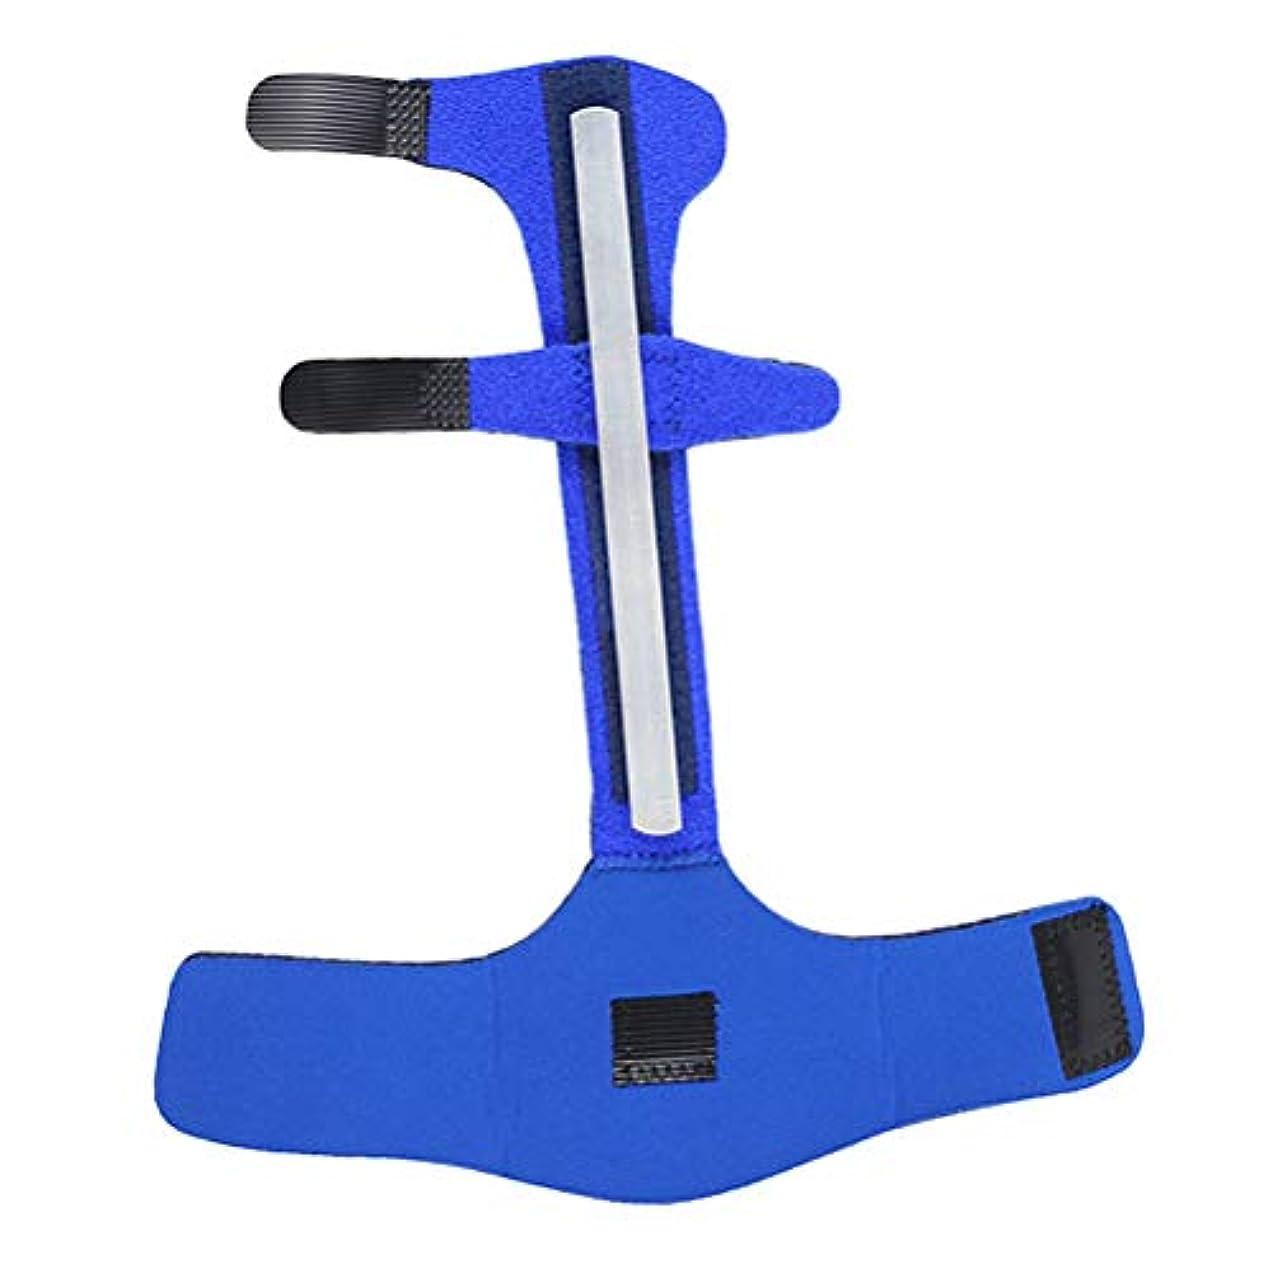 ゆるいパンサー実験室Healifty フィンガージョイントコレクター骨折固定スプリントフィンガーエクステンションスプリント可動矯正手保護スリーブ(青)